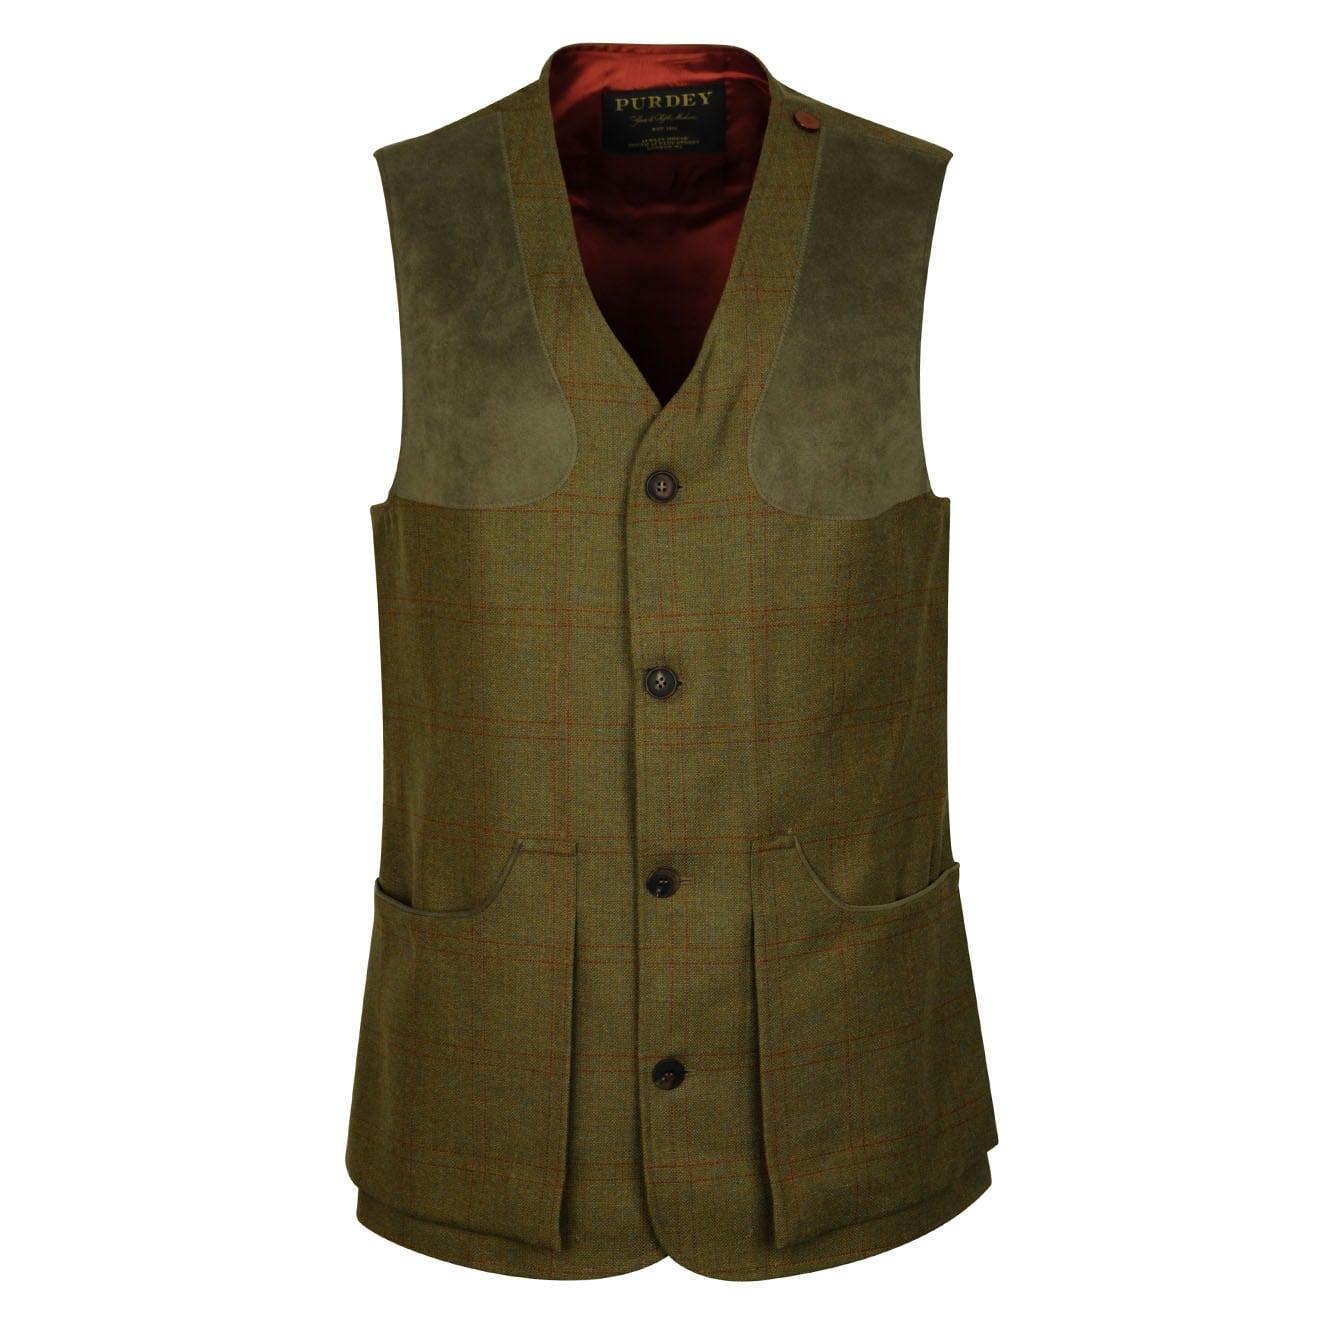 James Purdey Technical Tweed Shooting Vest Bembridge